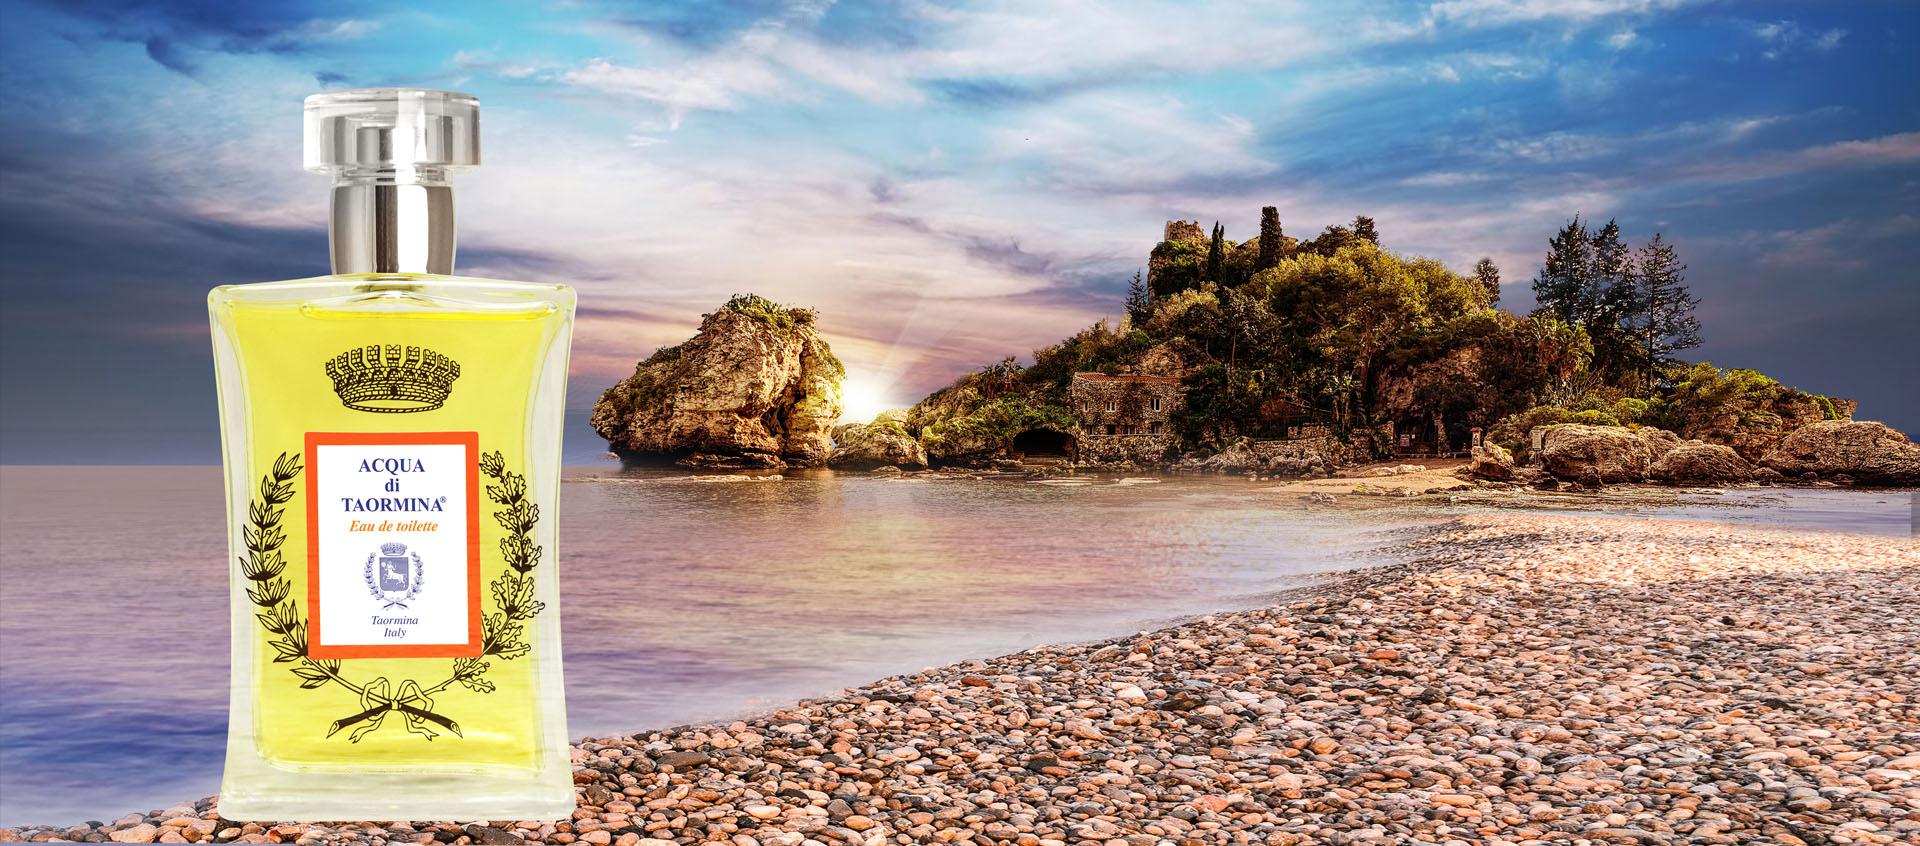 Acqua di Taormina parfums adt_1920-2 Acqua di Taormina Parfums